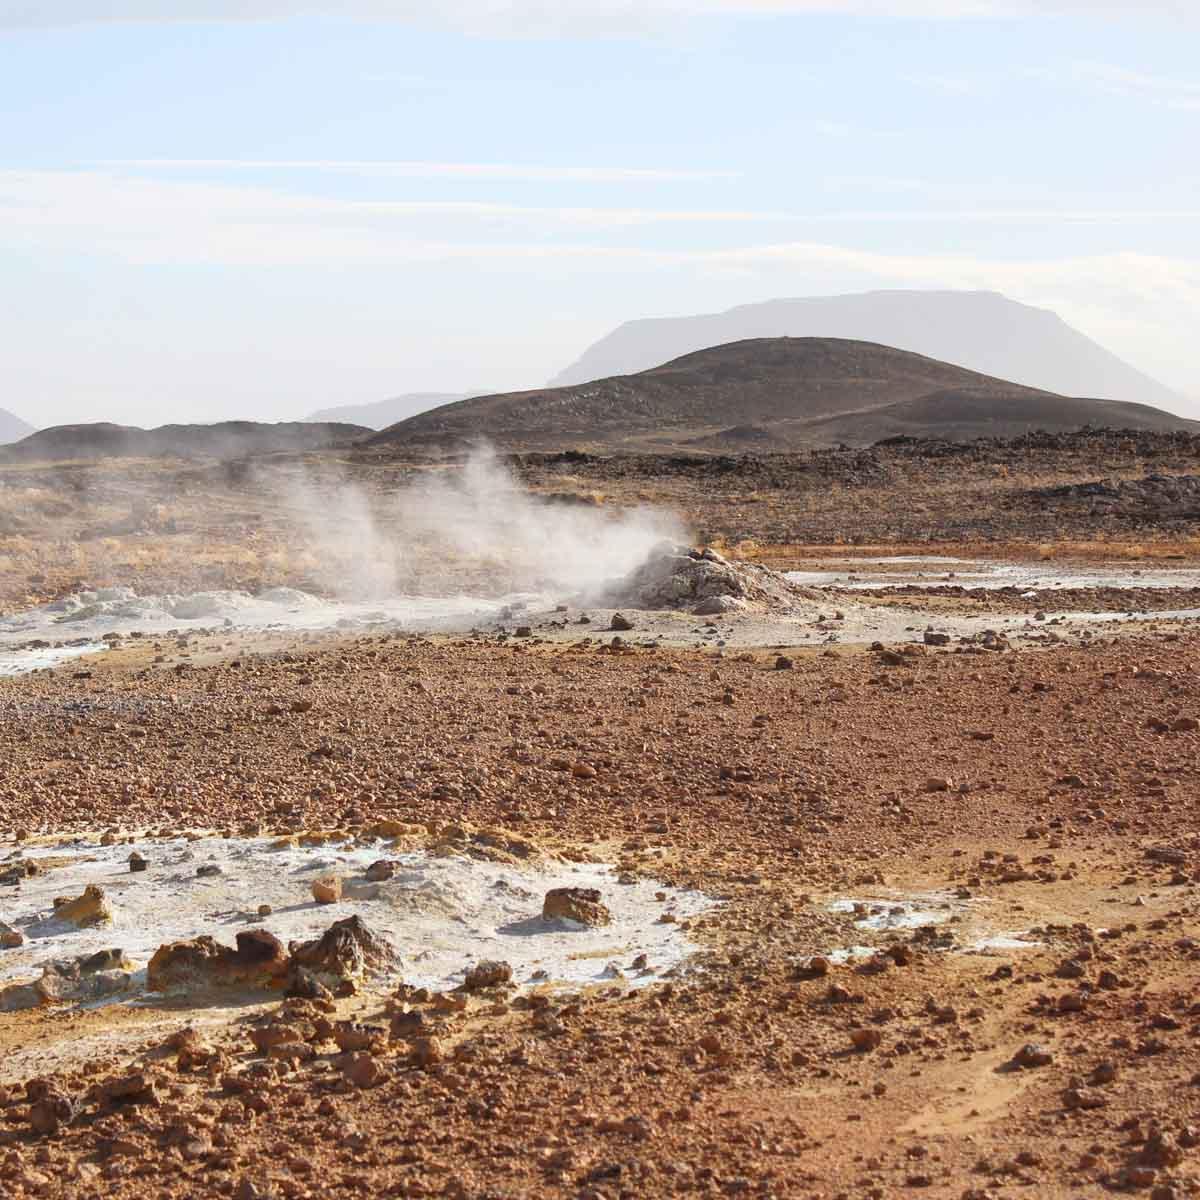 22x de allermooiste plekken in IJsland die je gezien wilt hebben - Map of Joy